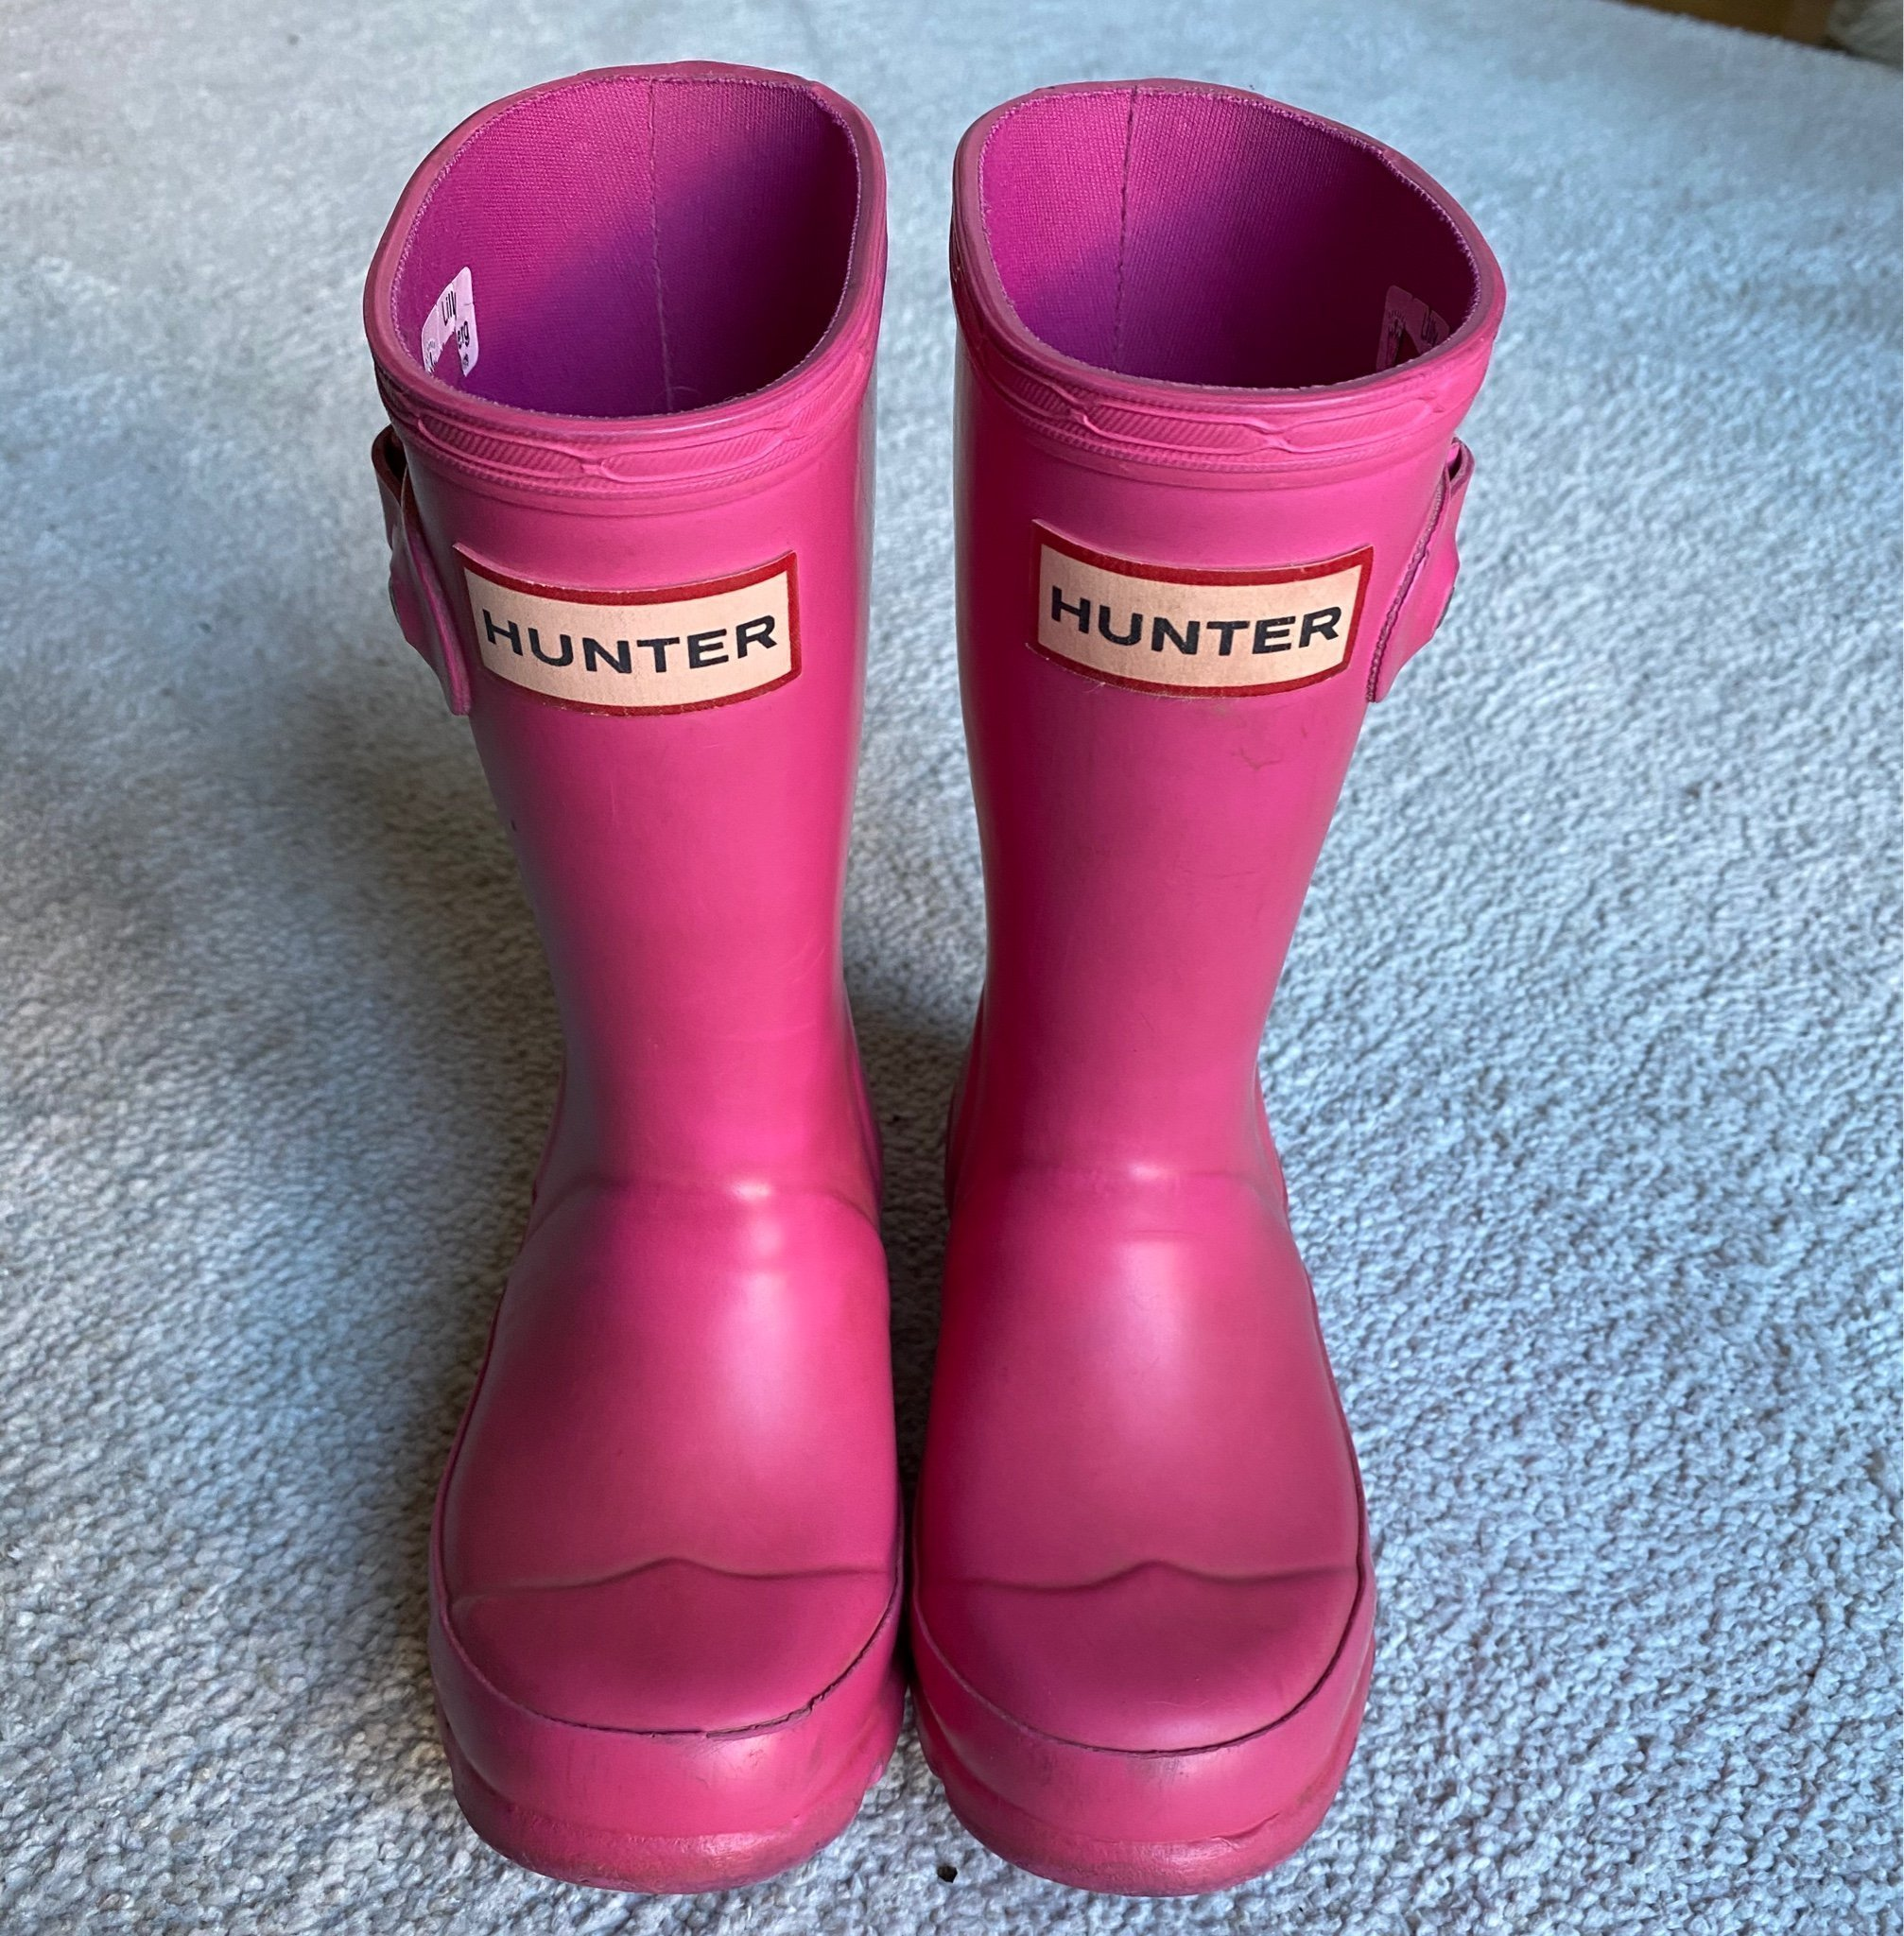 Hunter gummistövlar rosa barn storlek 25 (408843960) ᐈ Köp